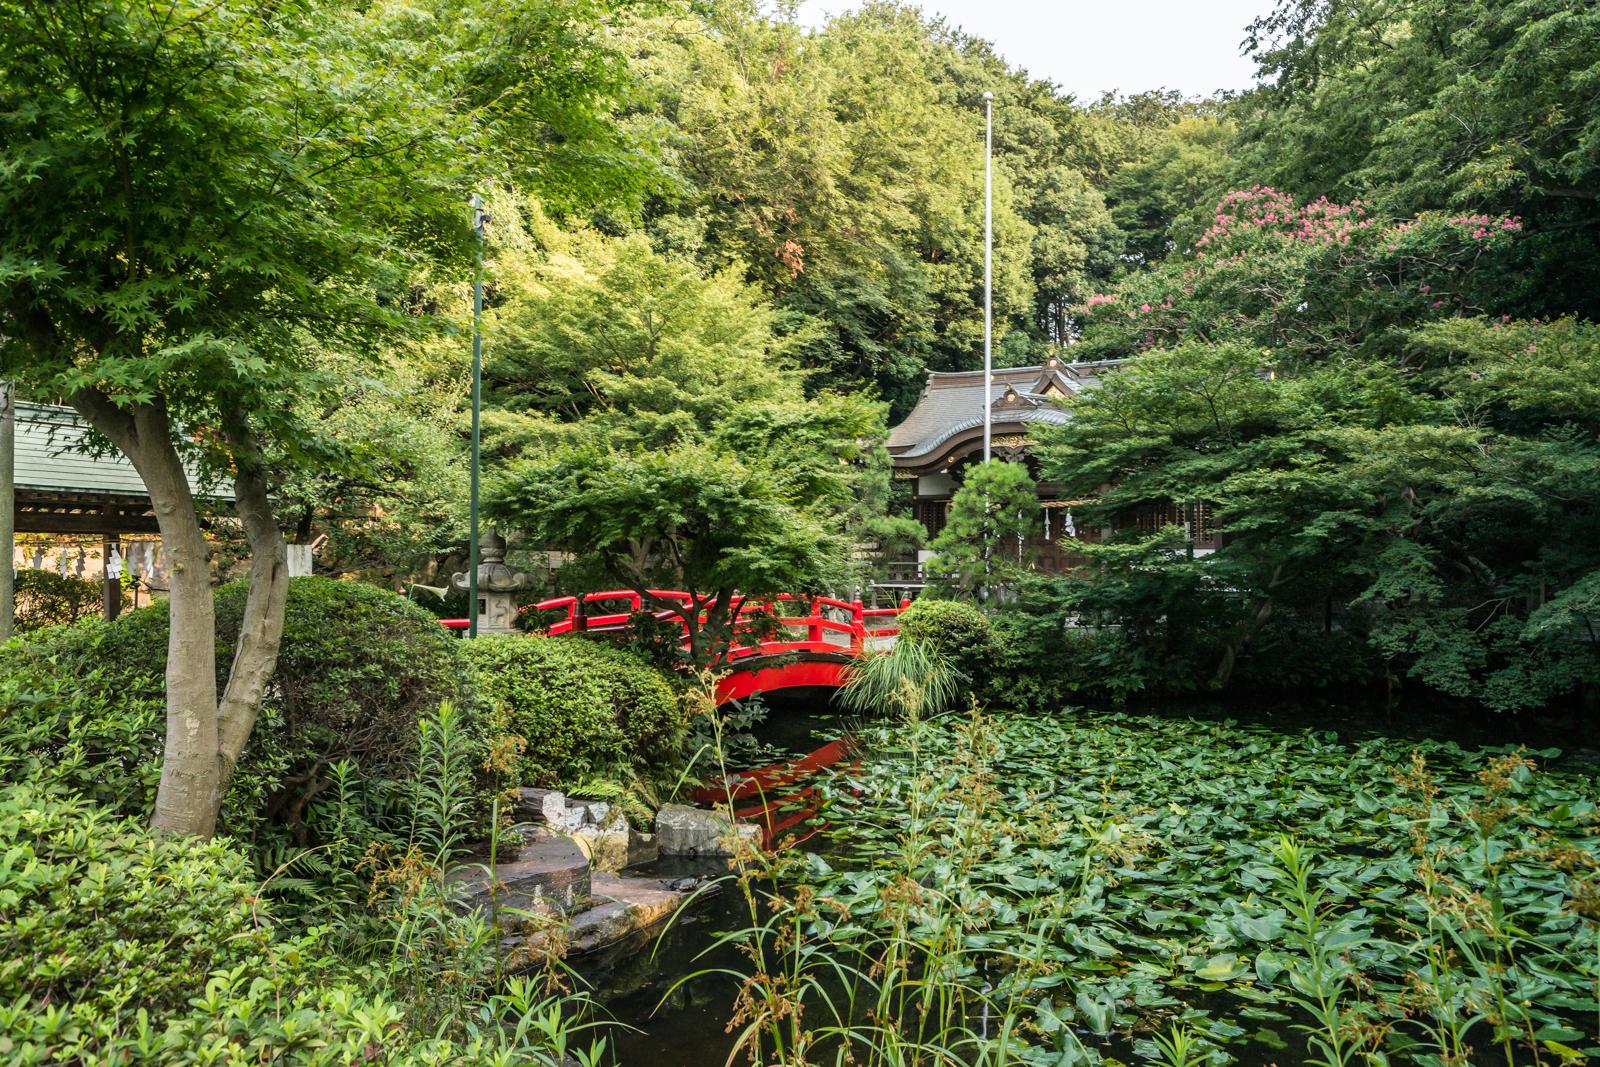 貫井神社、神橋とコウホネが自生する池の写真